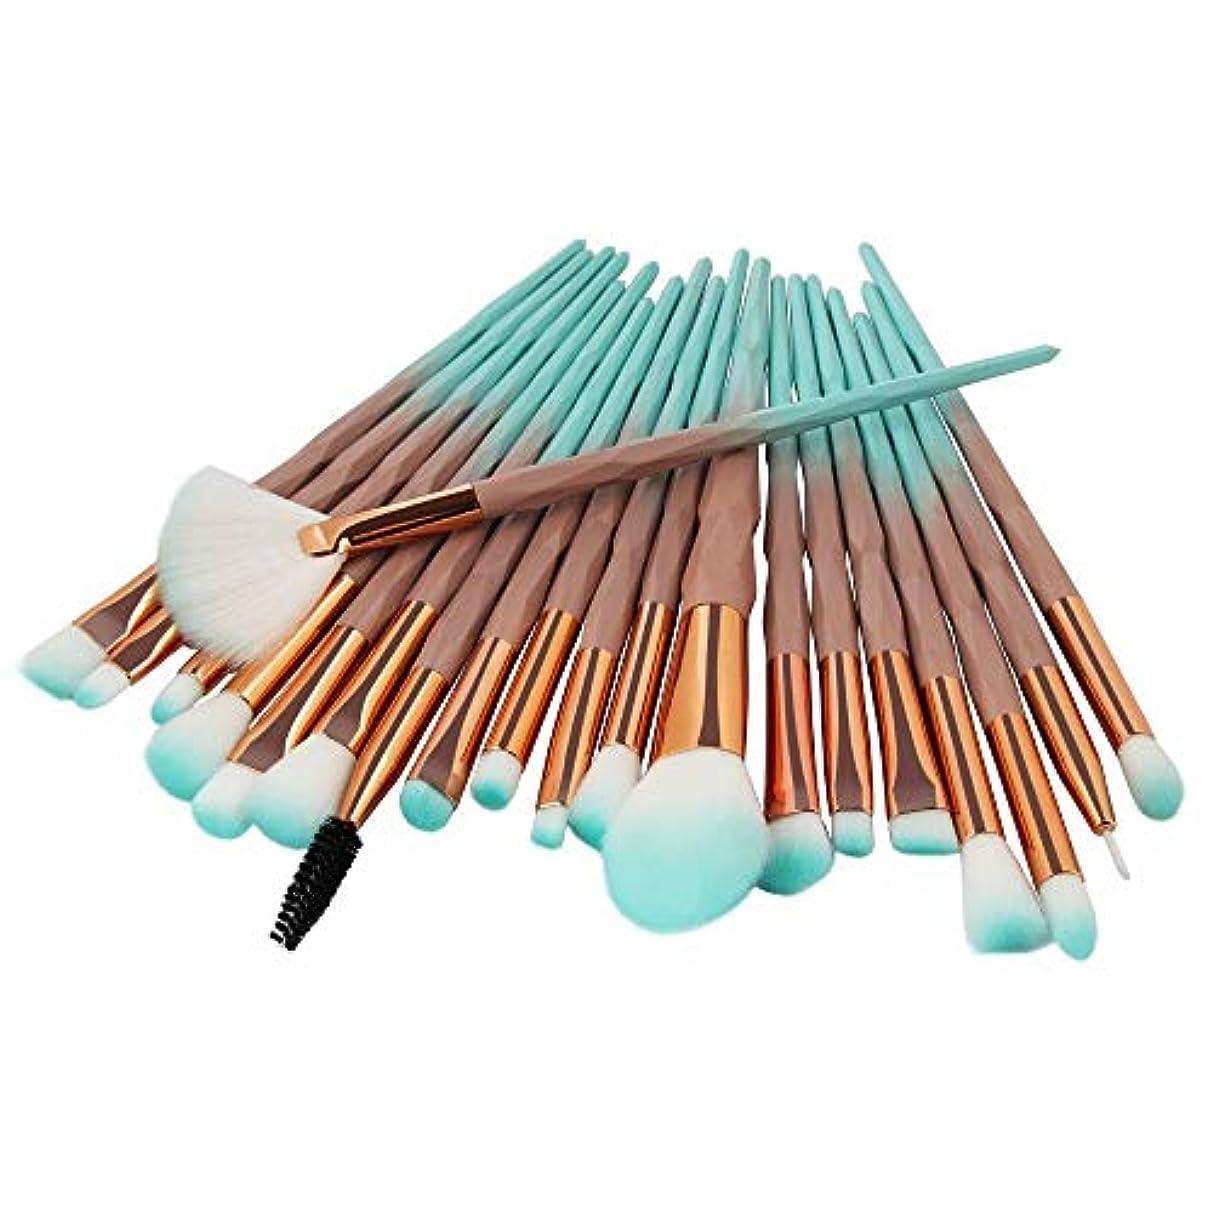 雑品サラミ子供時代笑え熊 化粧ブラシ 化粧筆 専用ポーチ付き 乾きが速い 超柔らかい ブラシ 高級 人気 安心